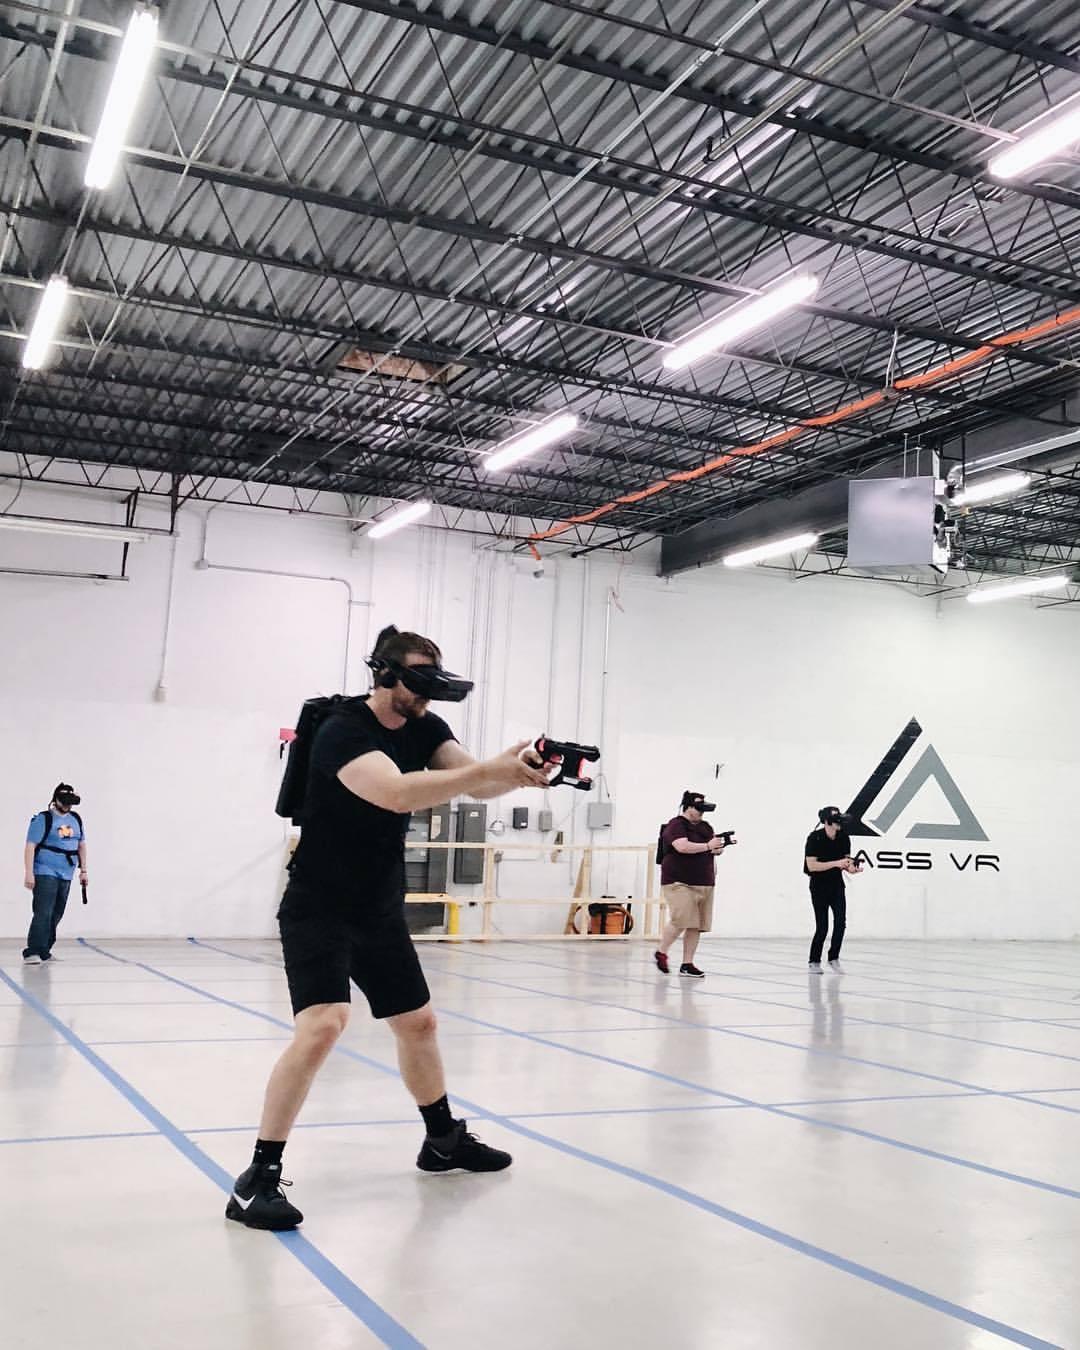 🔫 (at Mass VR)